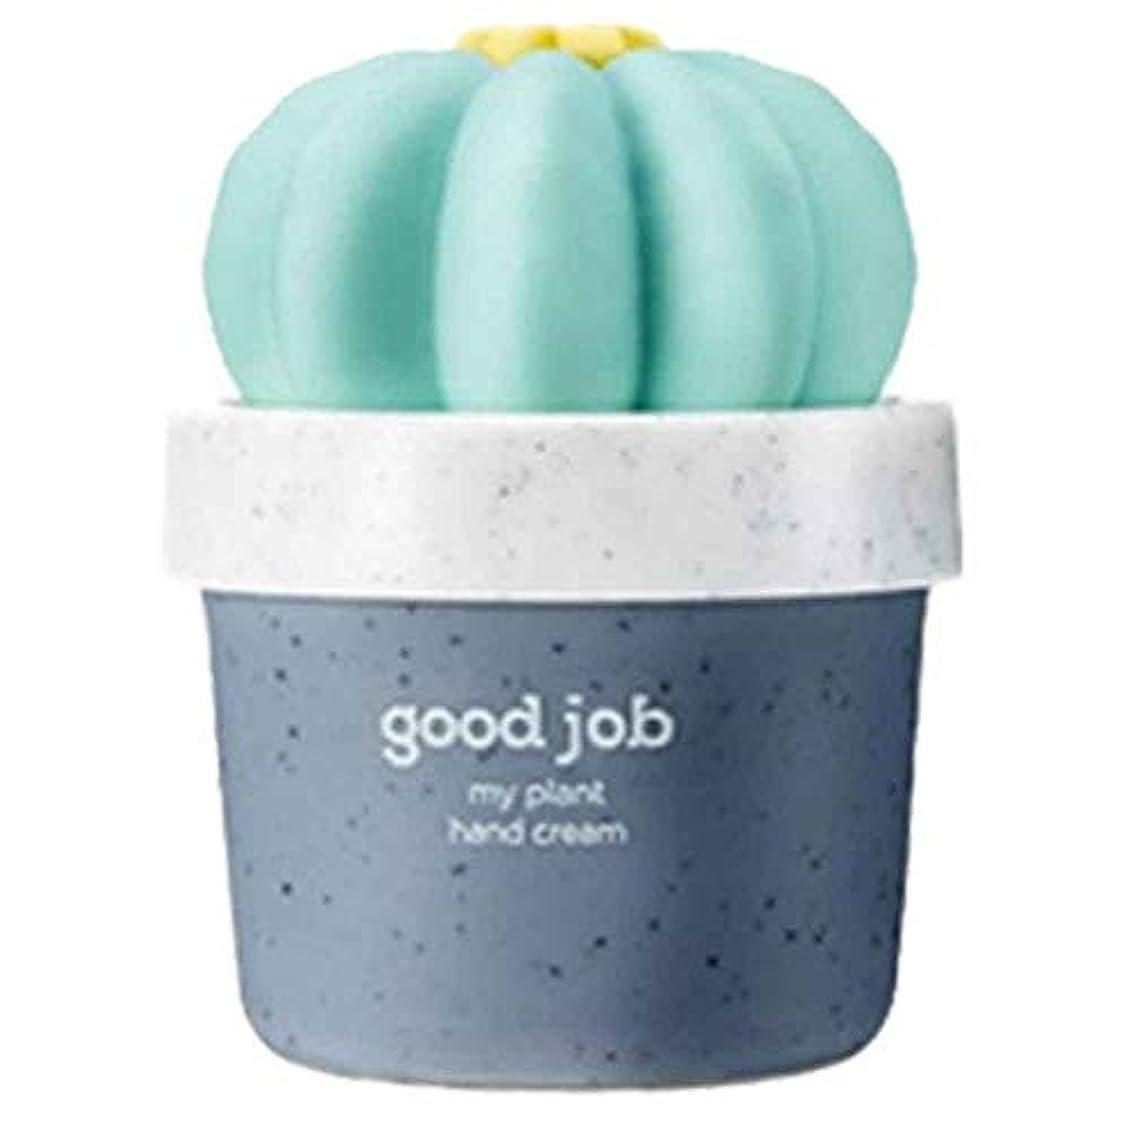 音節敷居咳[THE FACE SHOP] ザフェイスショップ ミニサボテン 鉢植えハンドクリーム #02 Good Job 30ml